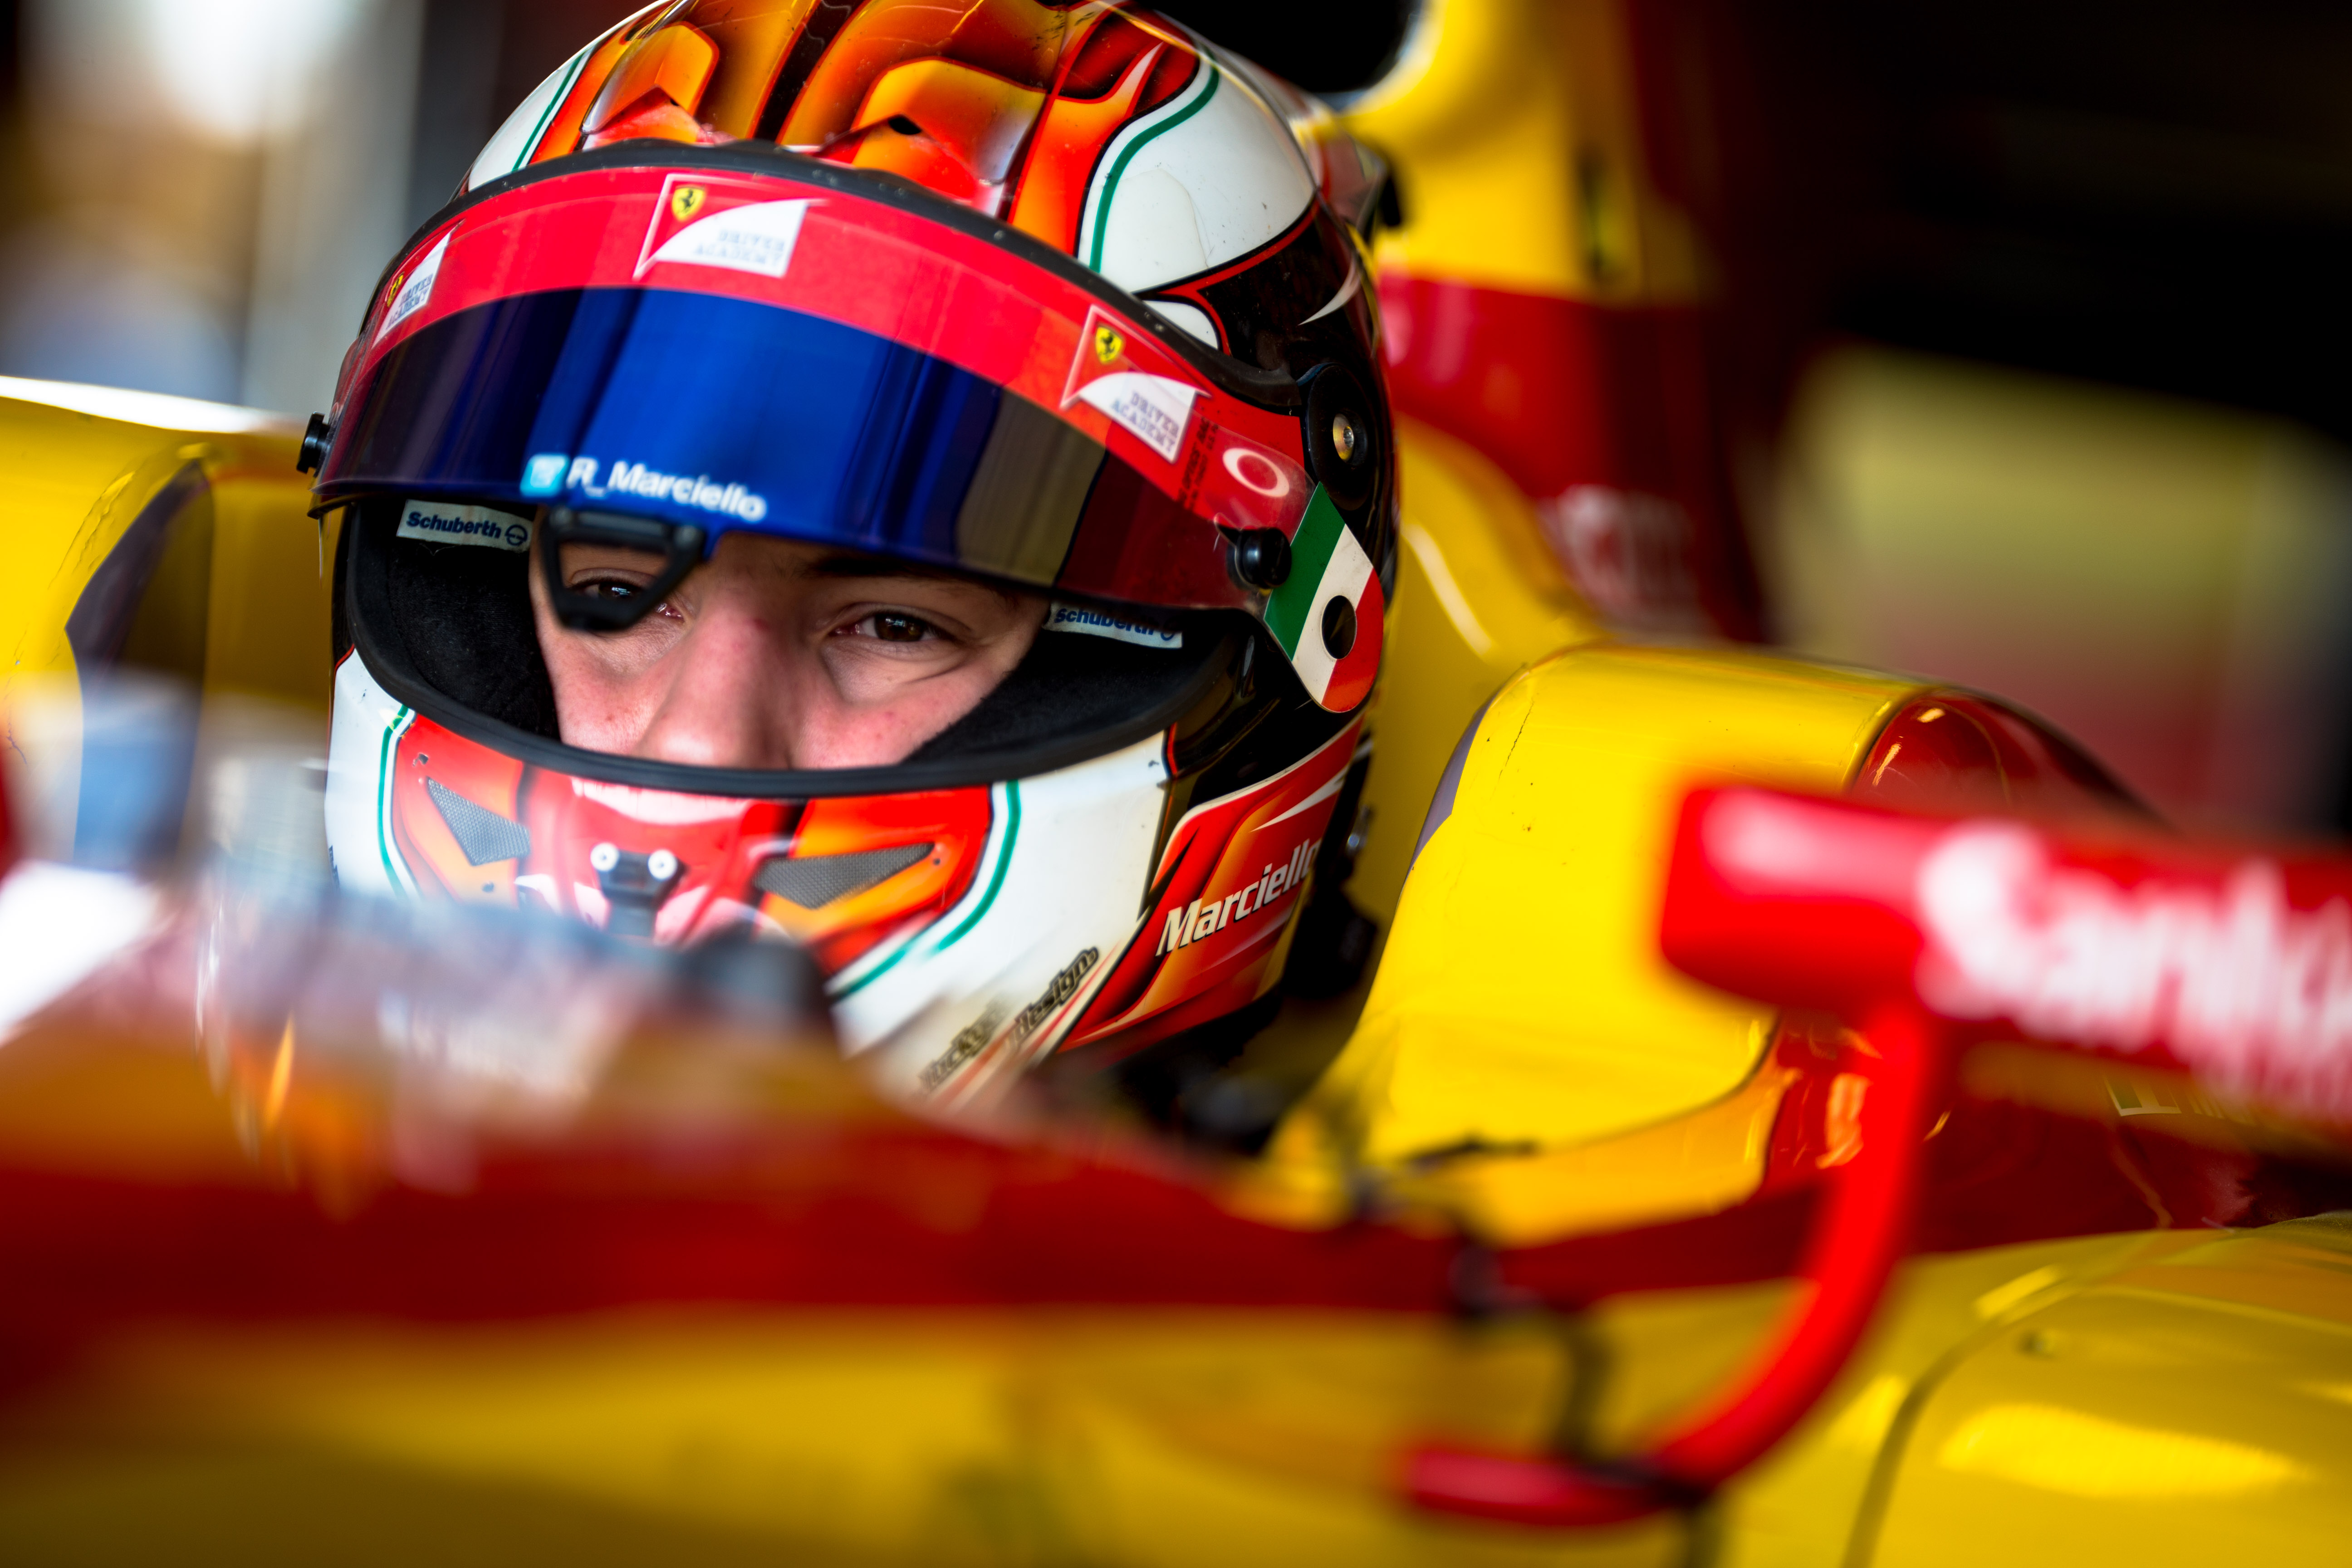 Marciello ai nastri di partenza in GP2